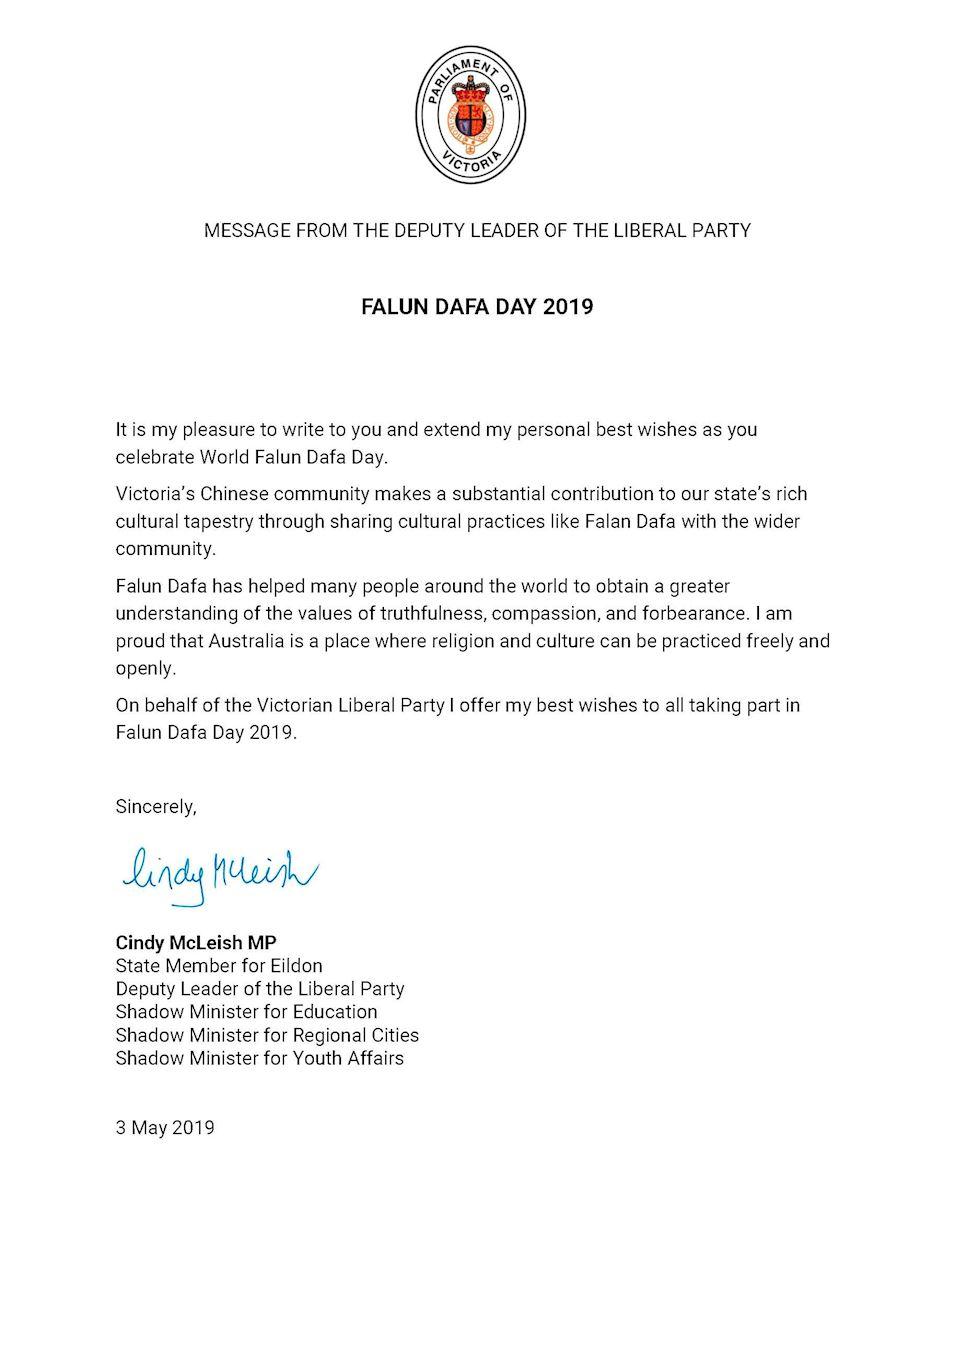 亞維多利亞州反對黨副領袖麥克利什的賀信。(明慧網)